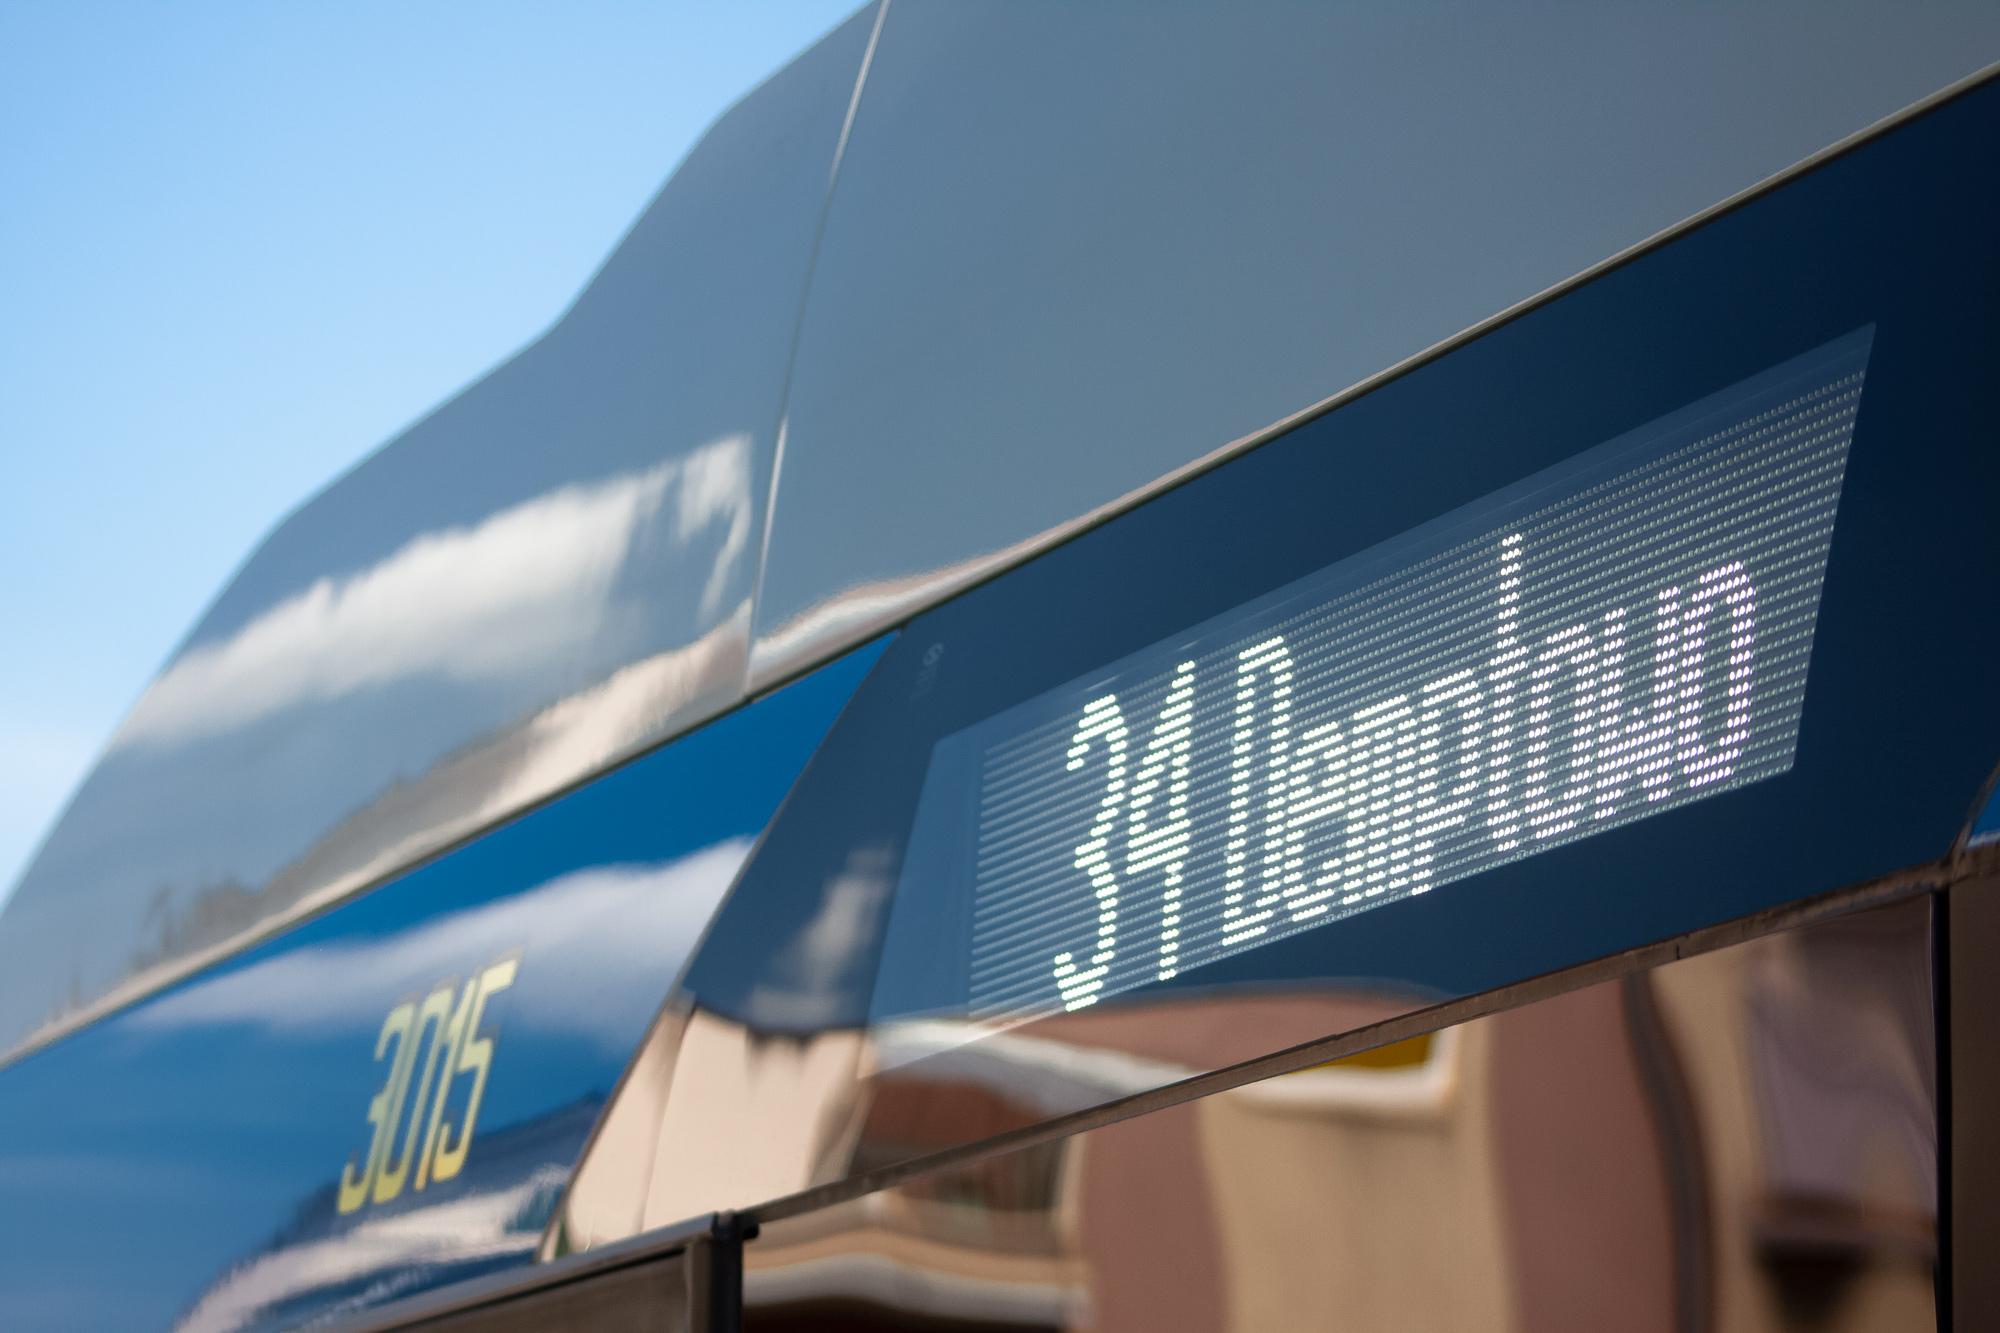 Linia 34 połączy Demptowo bezpośrednio ze Śródmieściem, bez przesiadki, fot. Janusz Wensierski / ZKM Gdynia